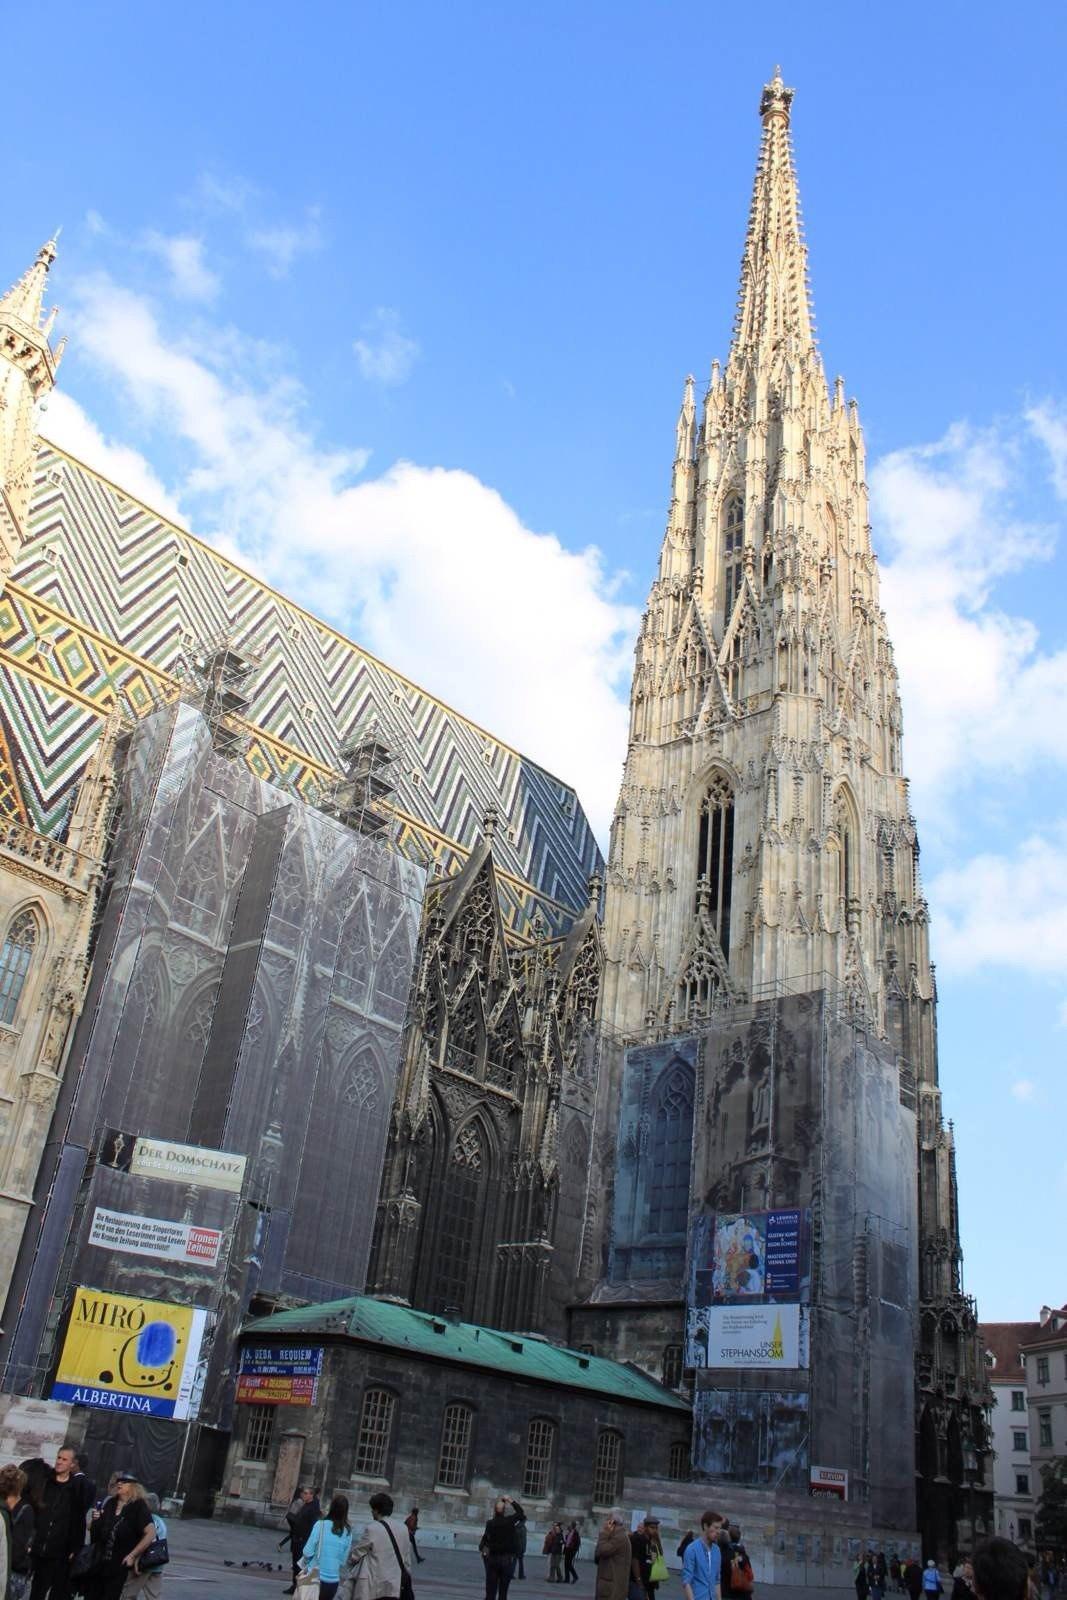 斯蒂芬大教堂(stephansdom)以137米高的哥特式尖塔和马赛克花样的